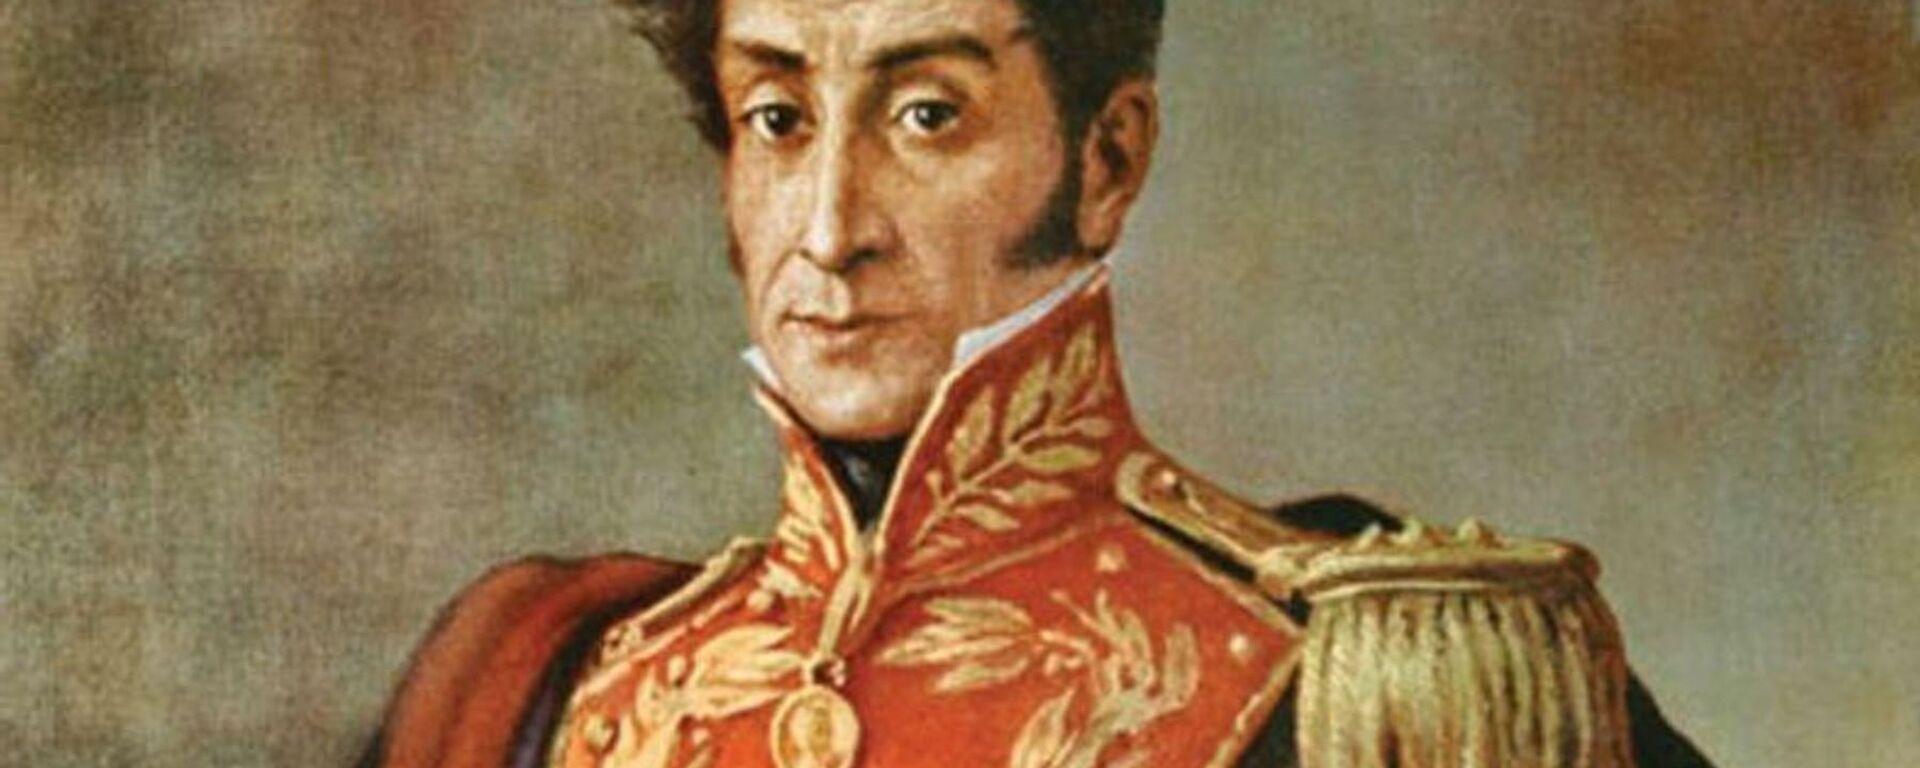 Retrato de Simón Bolívar - Sputnik Mundo, 1920, 24.07.2021